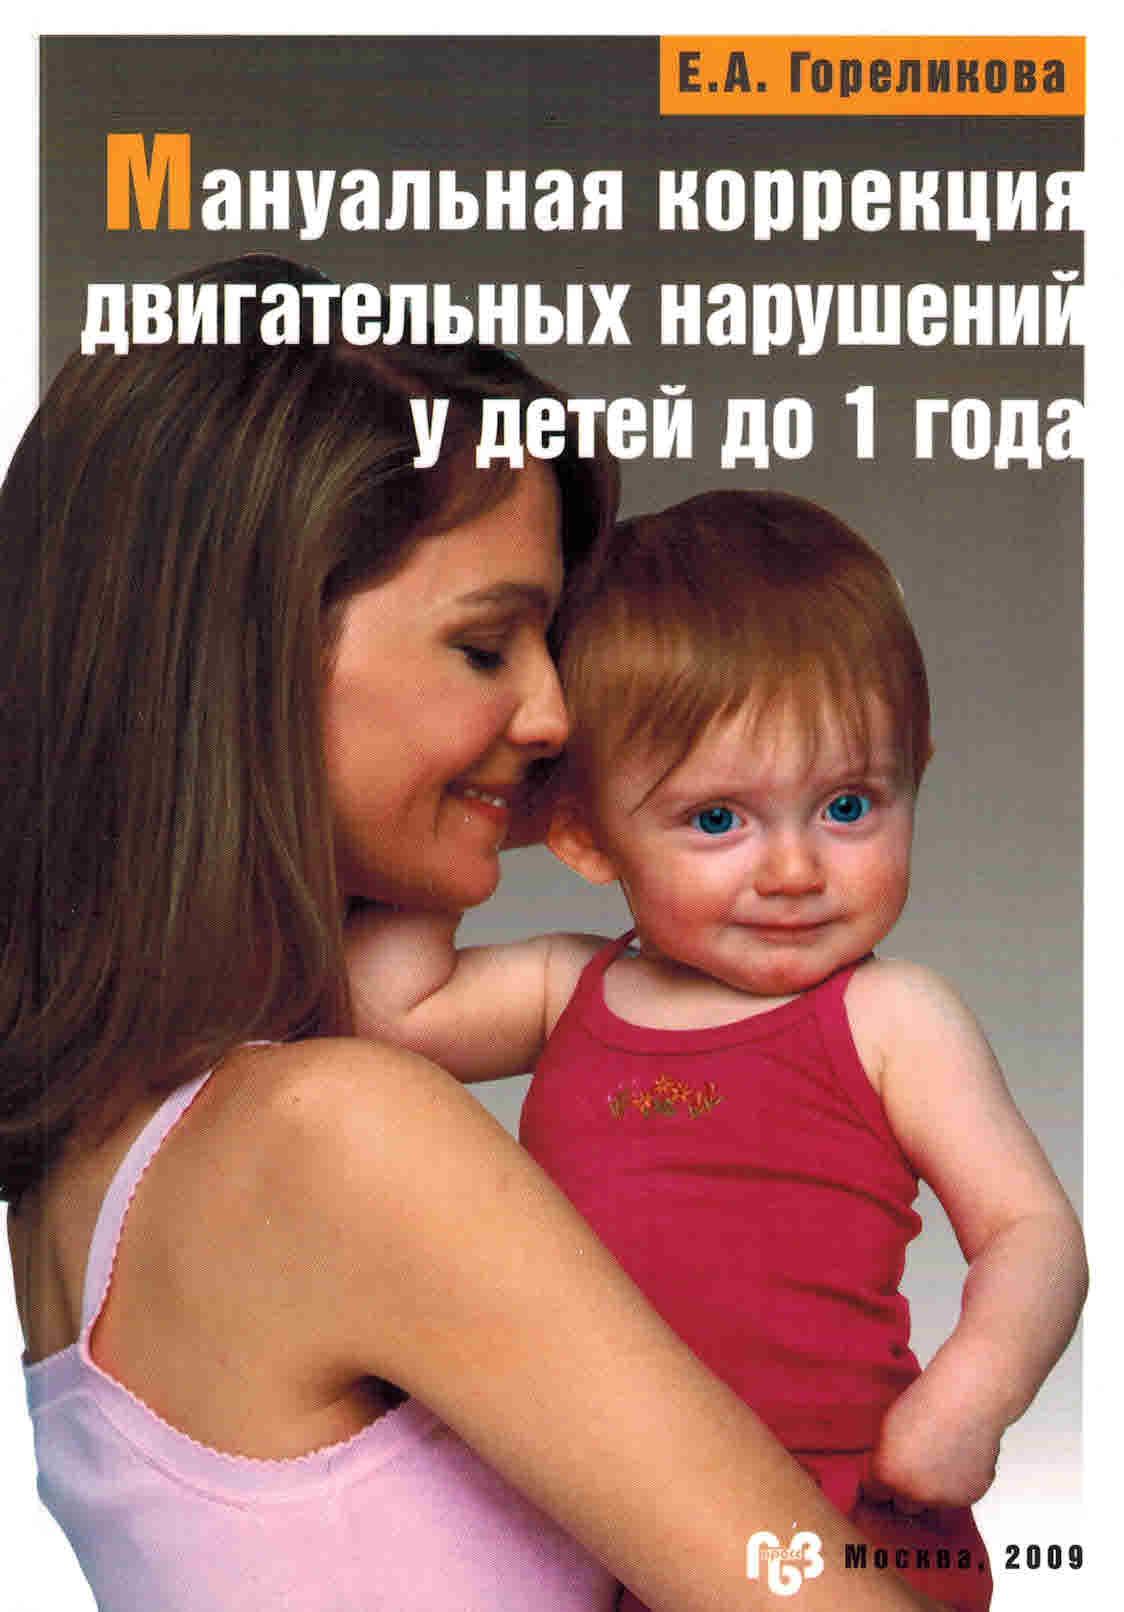 Каталог Мануальная коррекция двигательных нарушений у детей до 1 года man_korr_dvig_nar_u_detei_do_goda.jpg